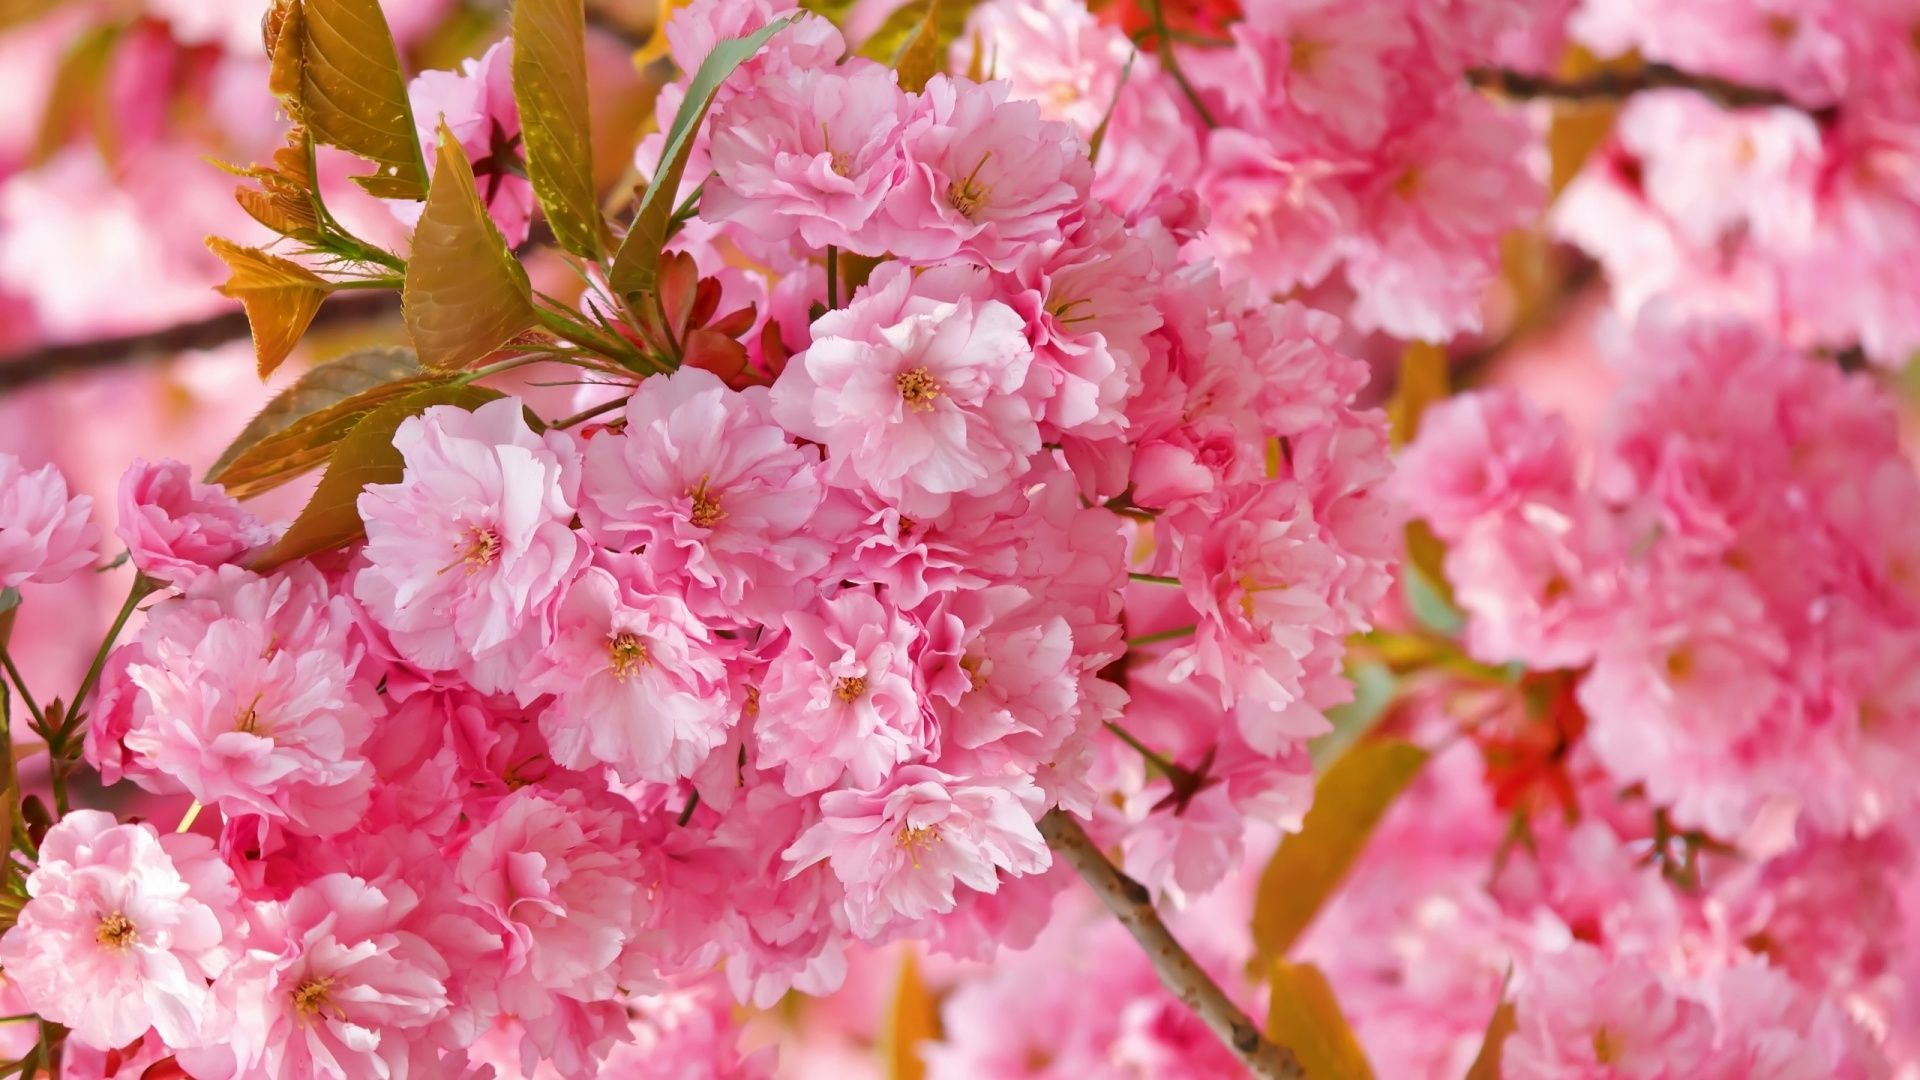 Hình những bông hoa Anh Đào nở rộ đẹp rực rỡ